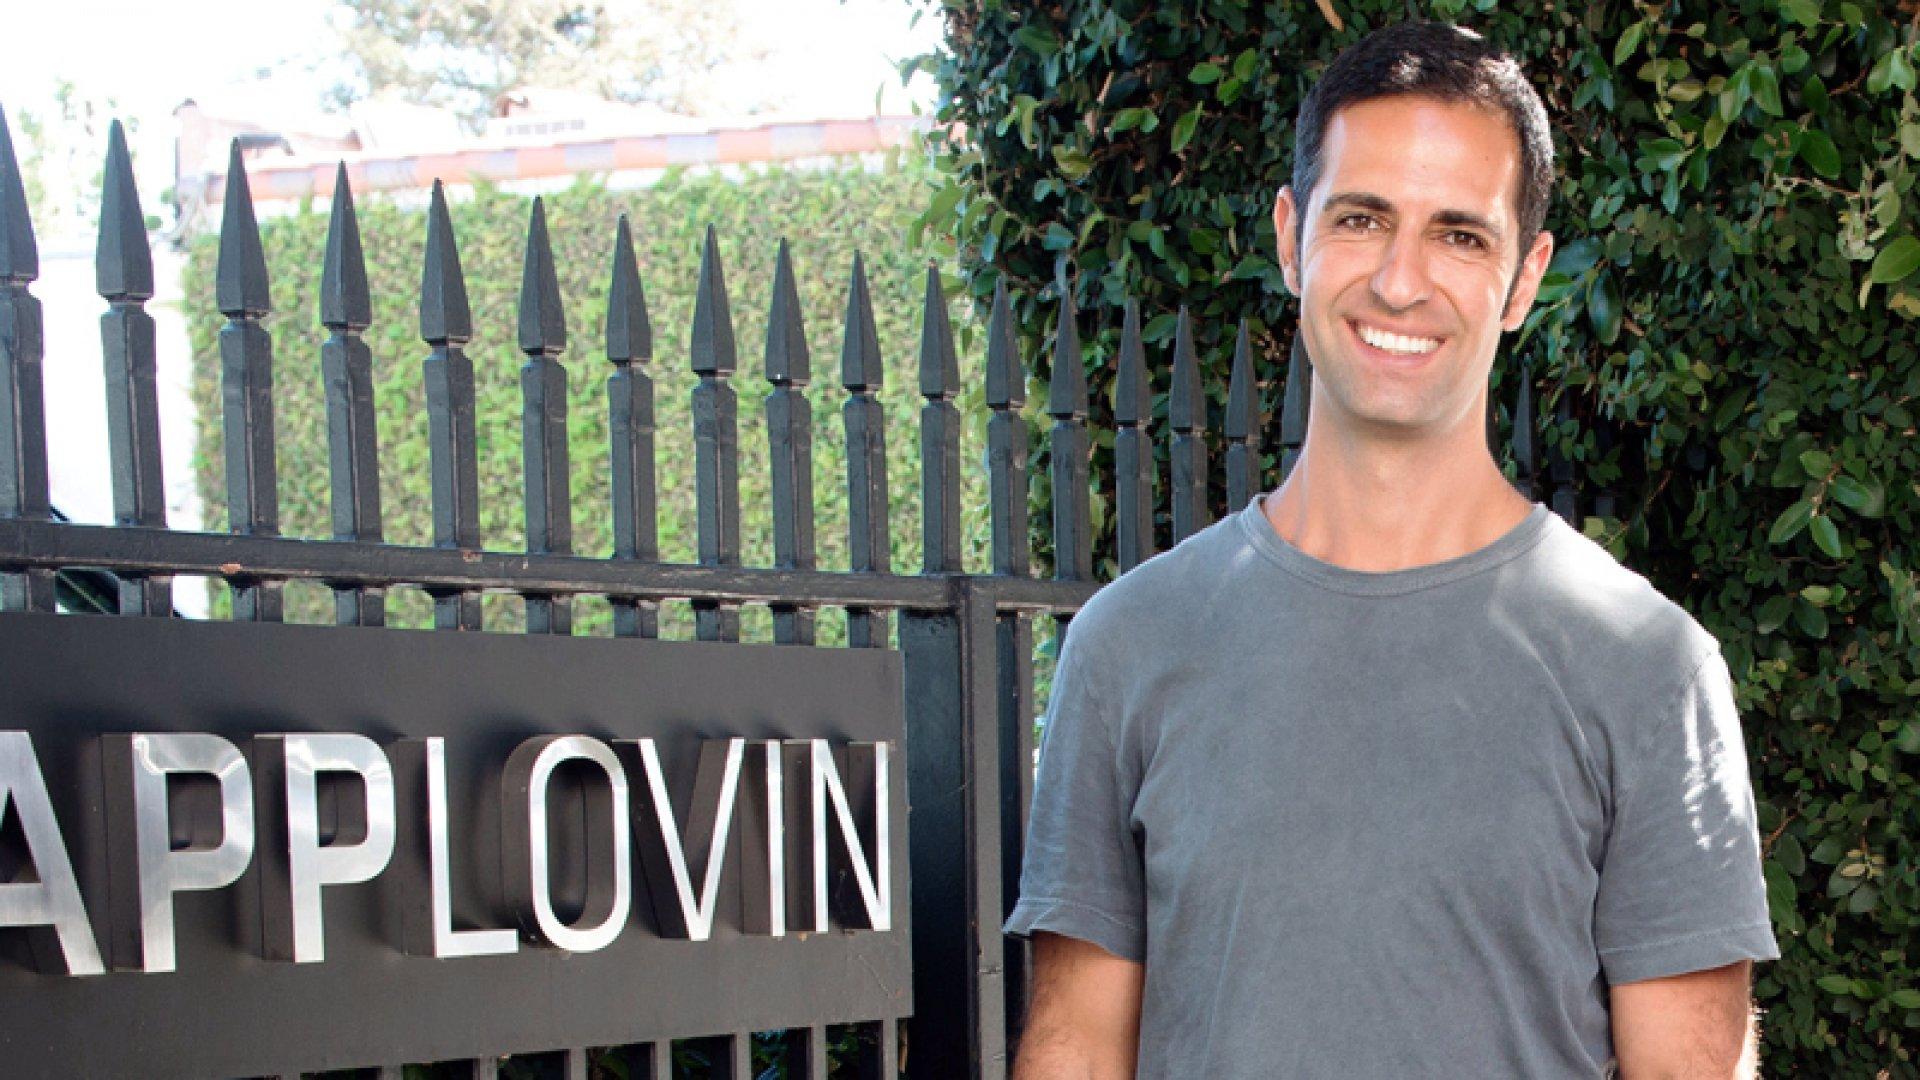 AppLovin CEO Adam Foroughi.